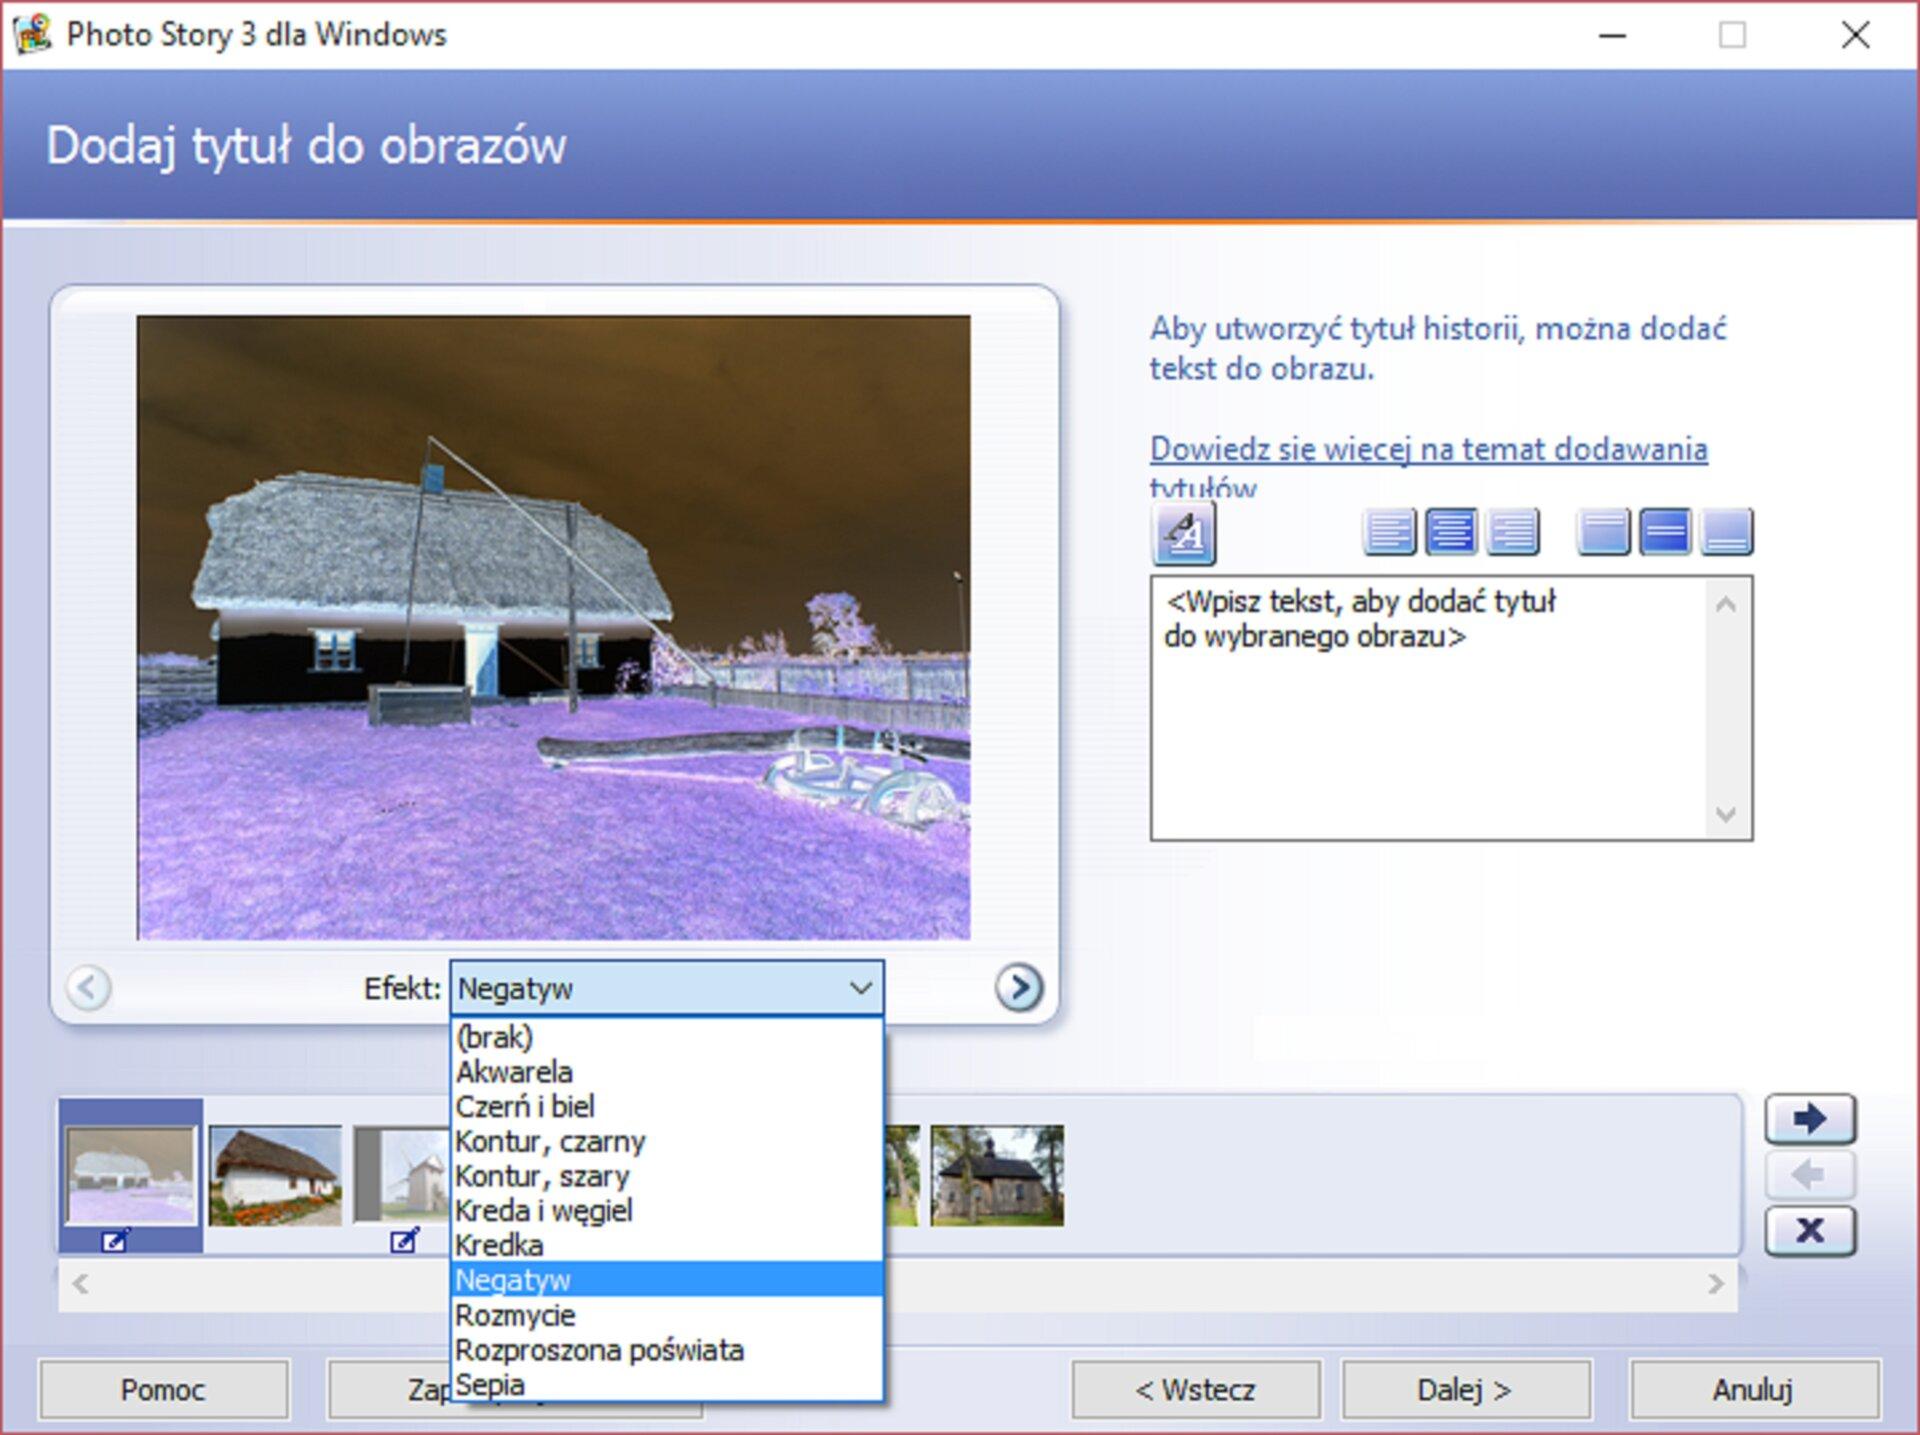 Zrzut okna: Dodaj tyruł do obrazów wprogramie Photo Story 3 dla Windows